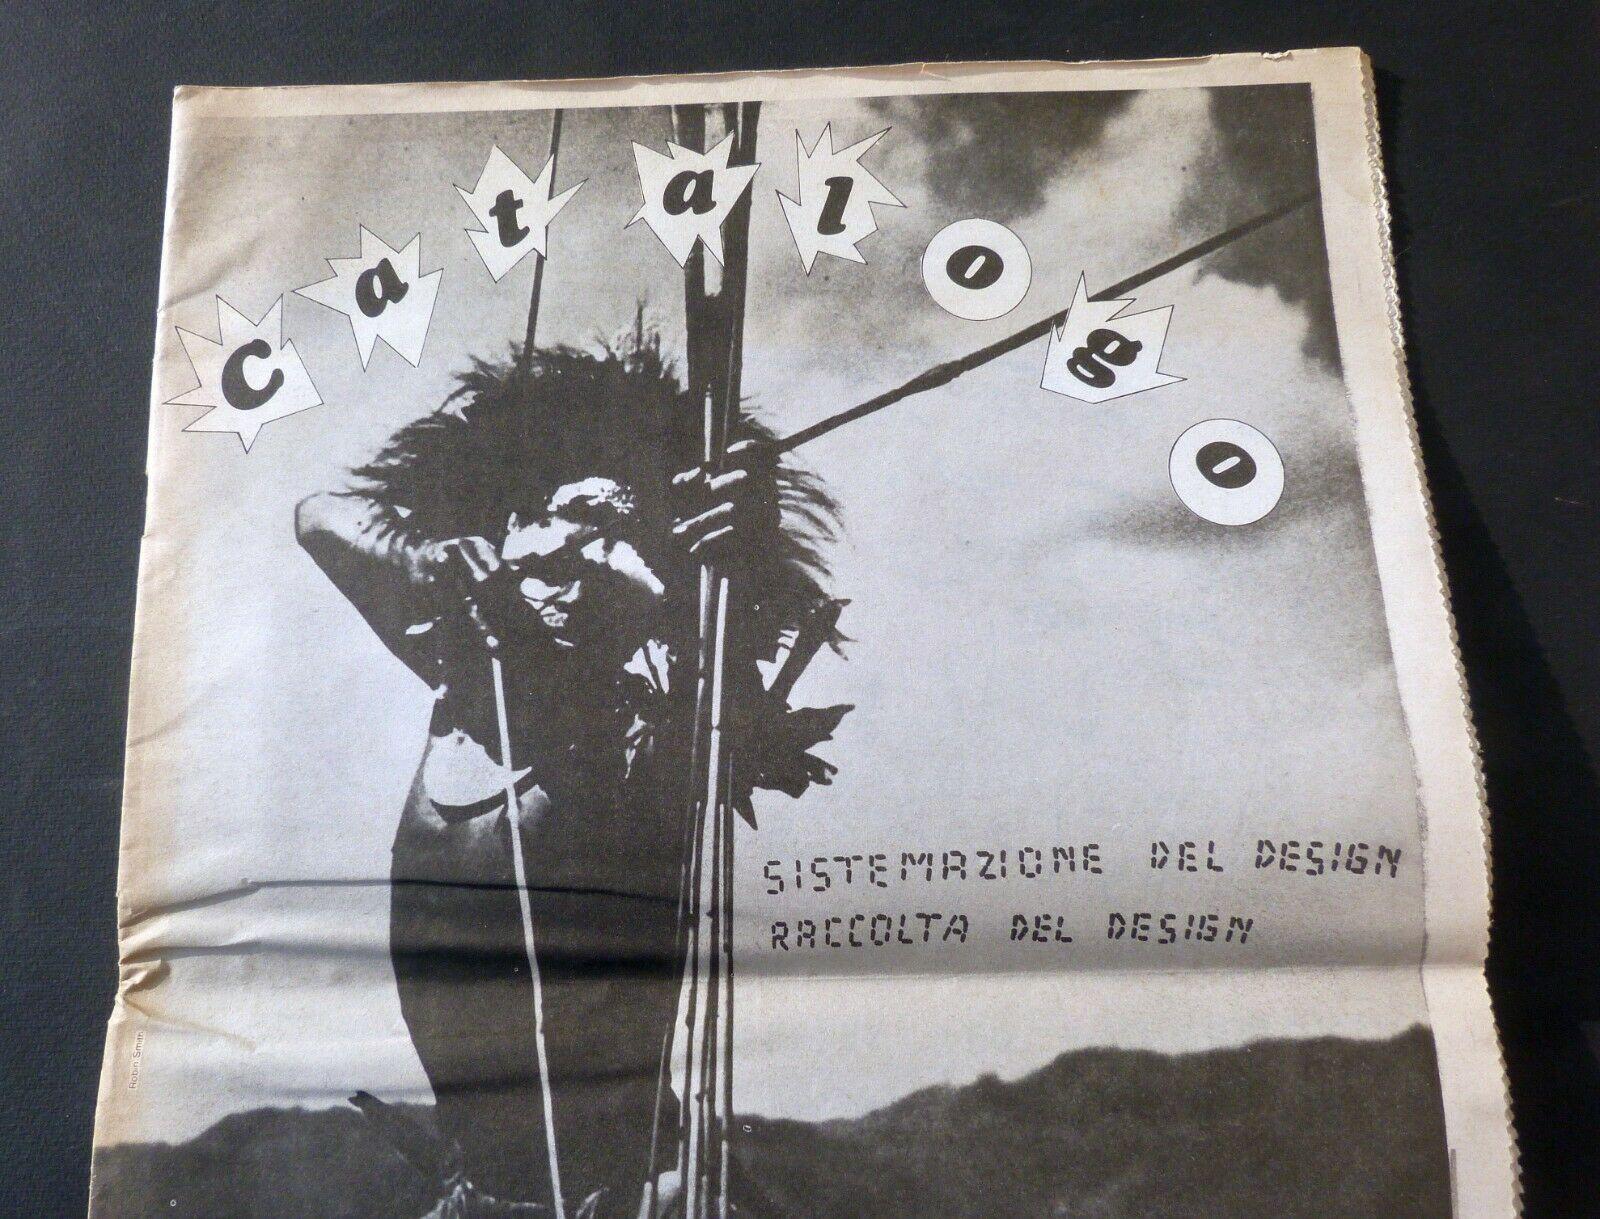 """In asta rarissimo numero unico di """"Catalogo Sistemazione del Design"""" – Sottsass Castiglioni Bellini Tartaglia di Michele (1979)"""